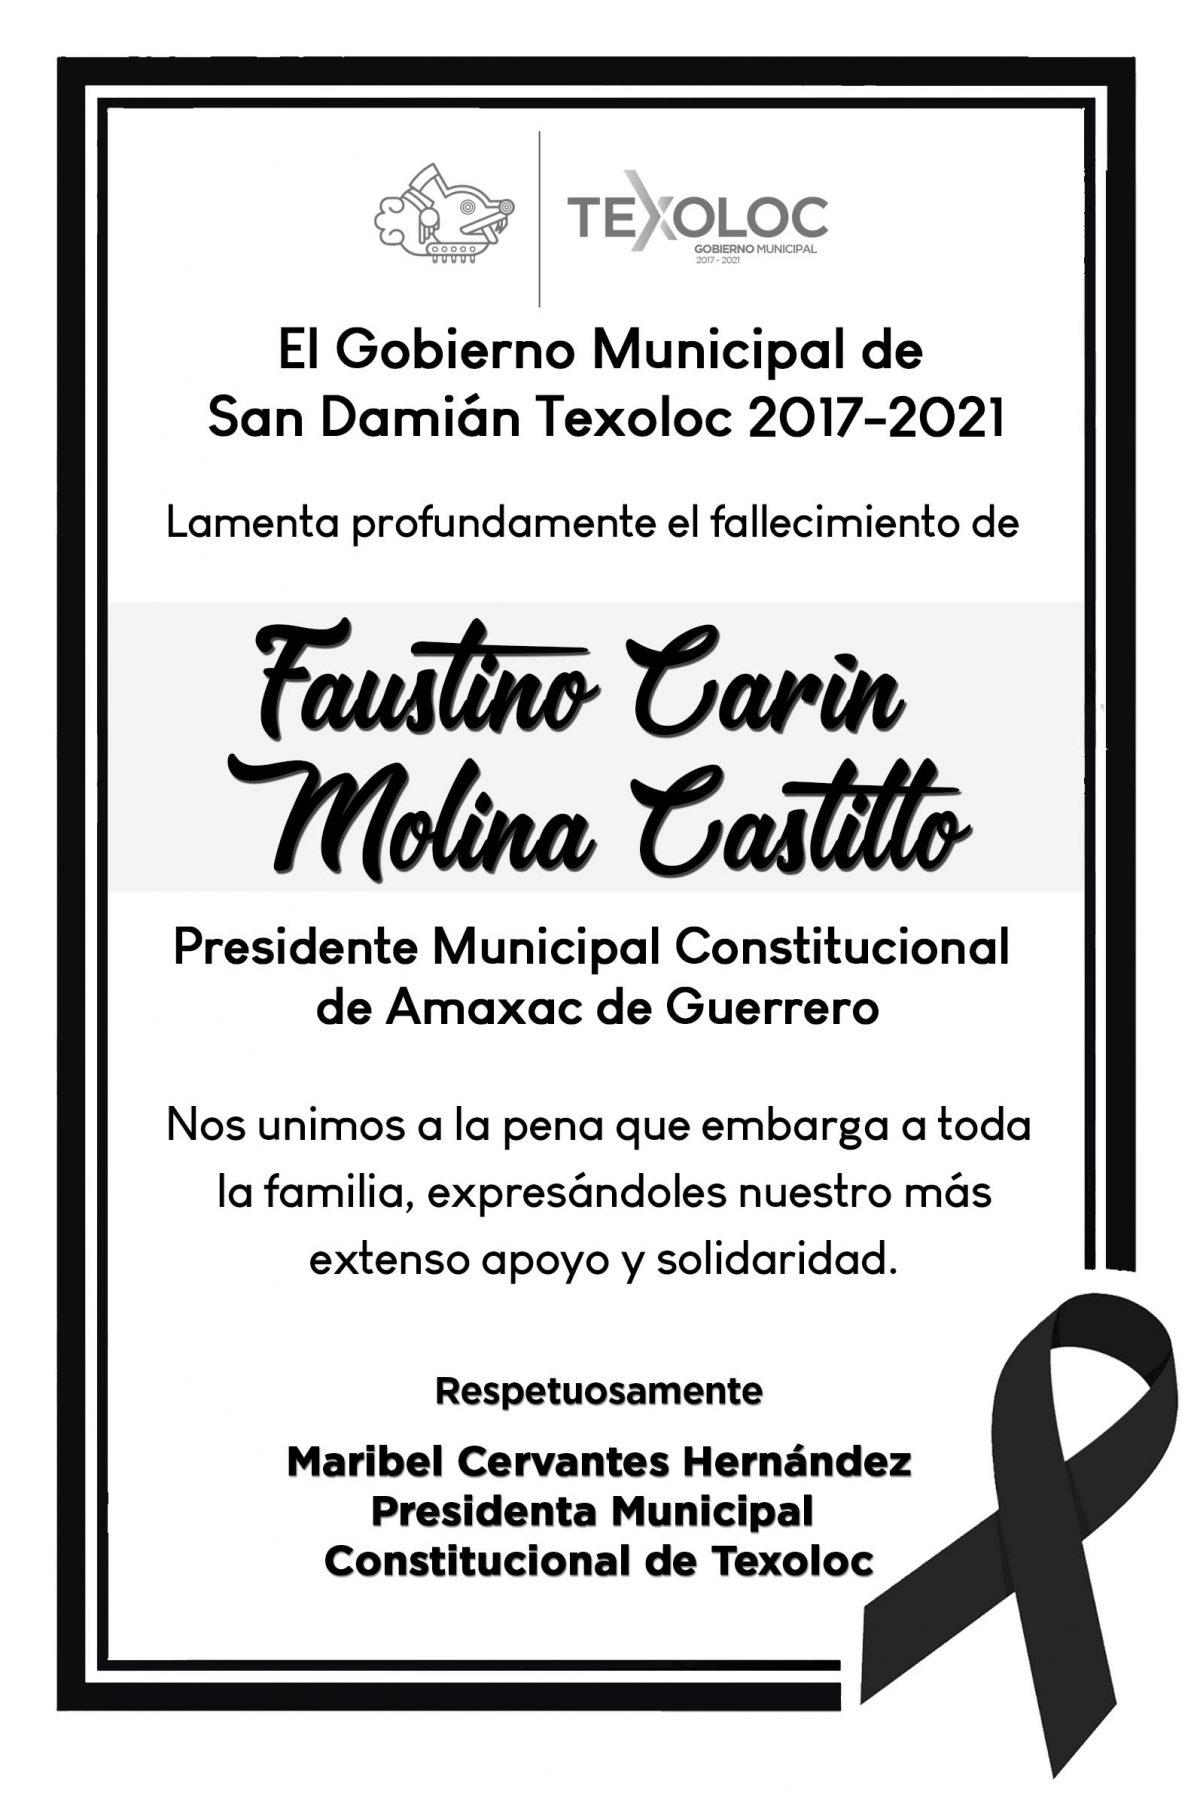 El Ayuntamiento de Texoloc, expresa  su solidaridad  al municipio de Amaxac por el  fallecimiento del Alcalde,  Faustino Carin Molina Castillo.